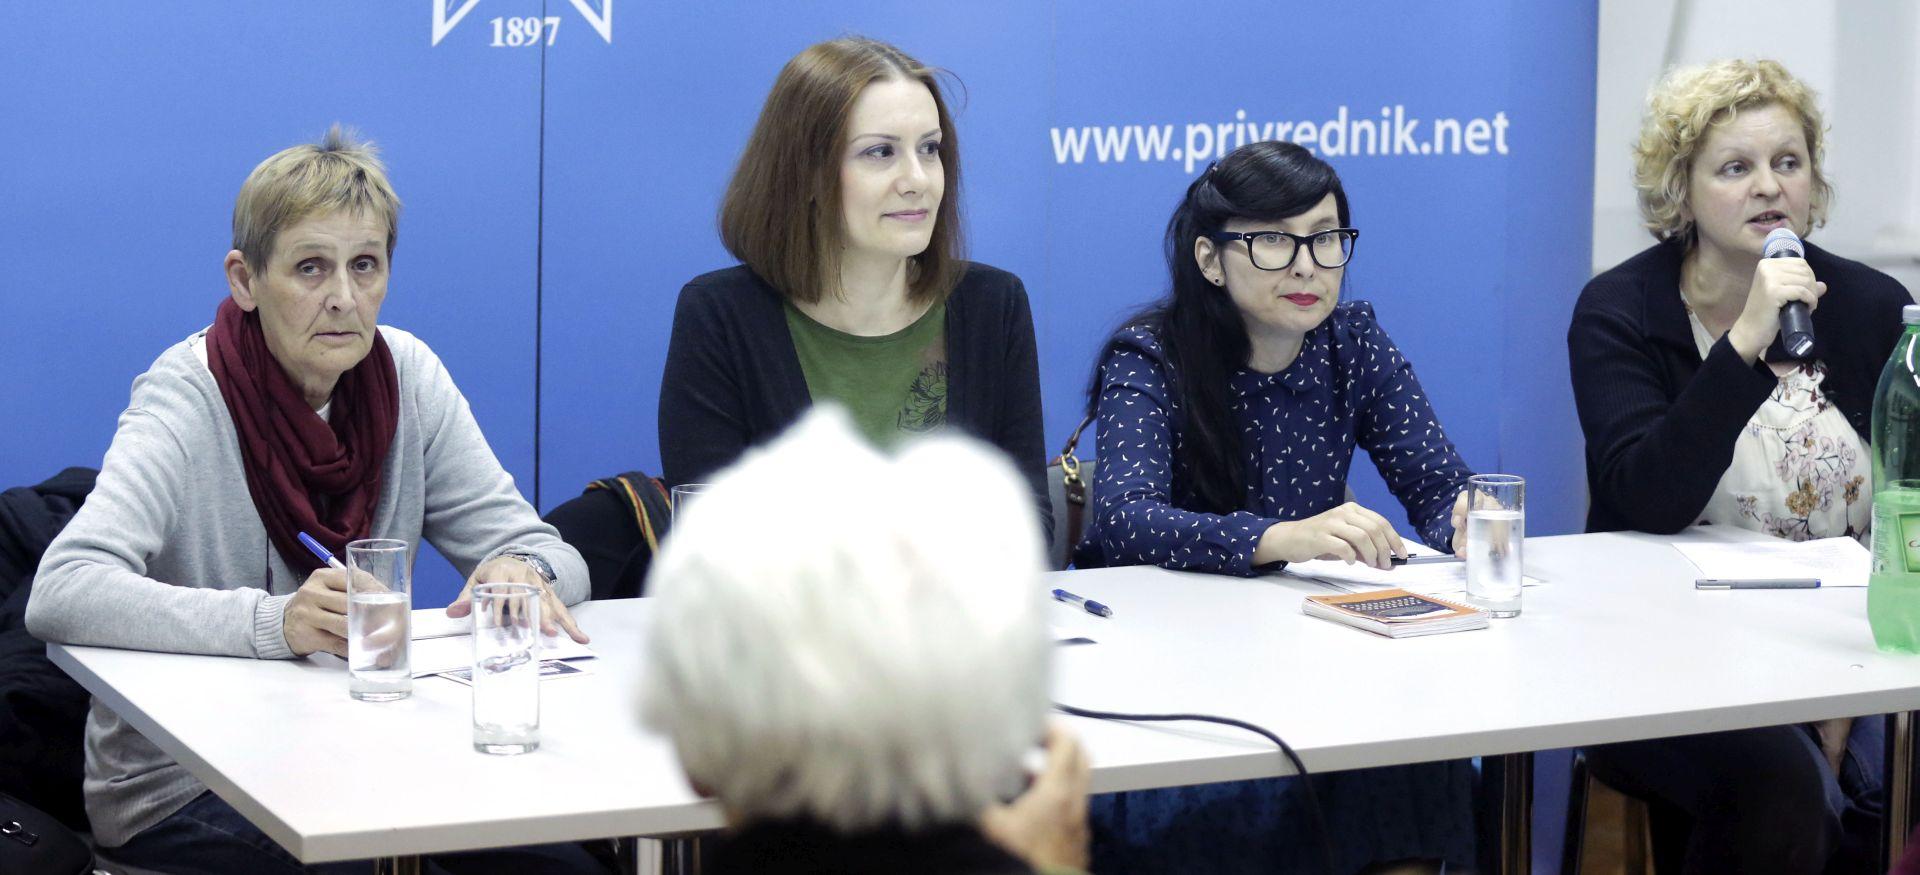 Tribina Radničke fronte: Kulminira proces obnove patrijarhata i eliminiranja prava žena koji provodi Crkva